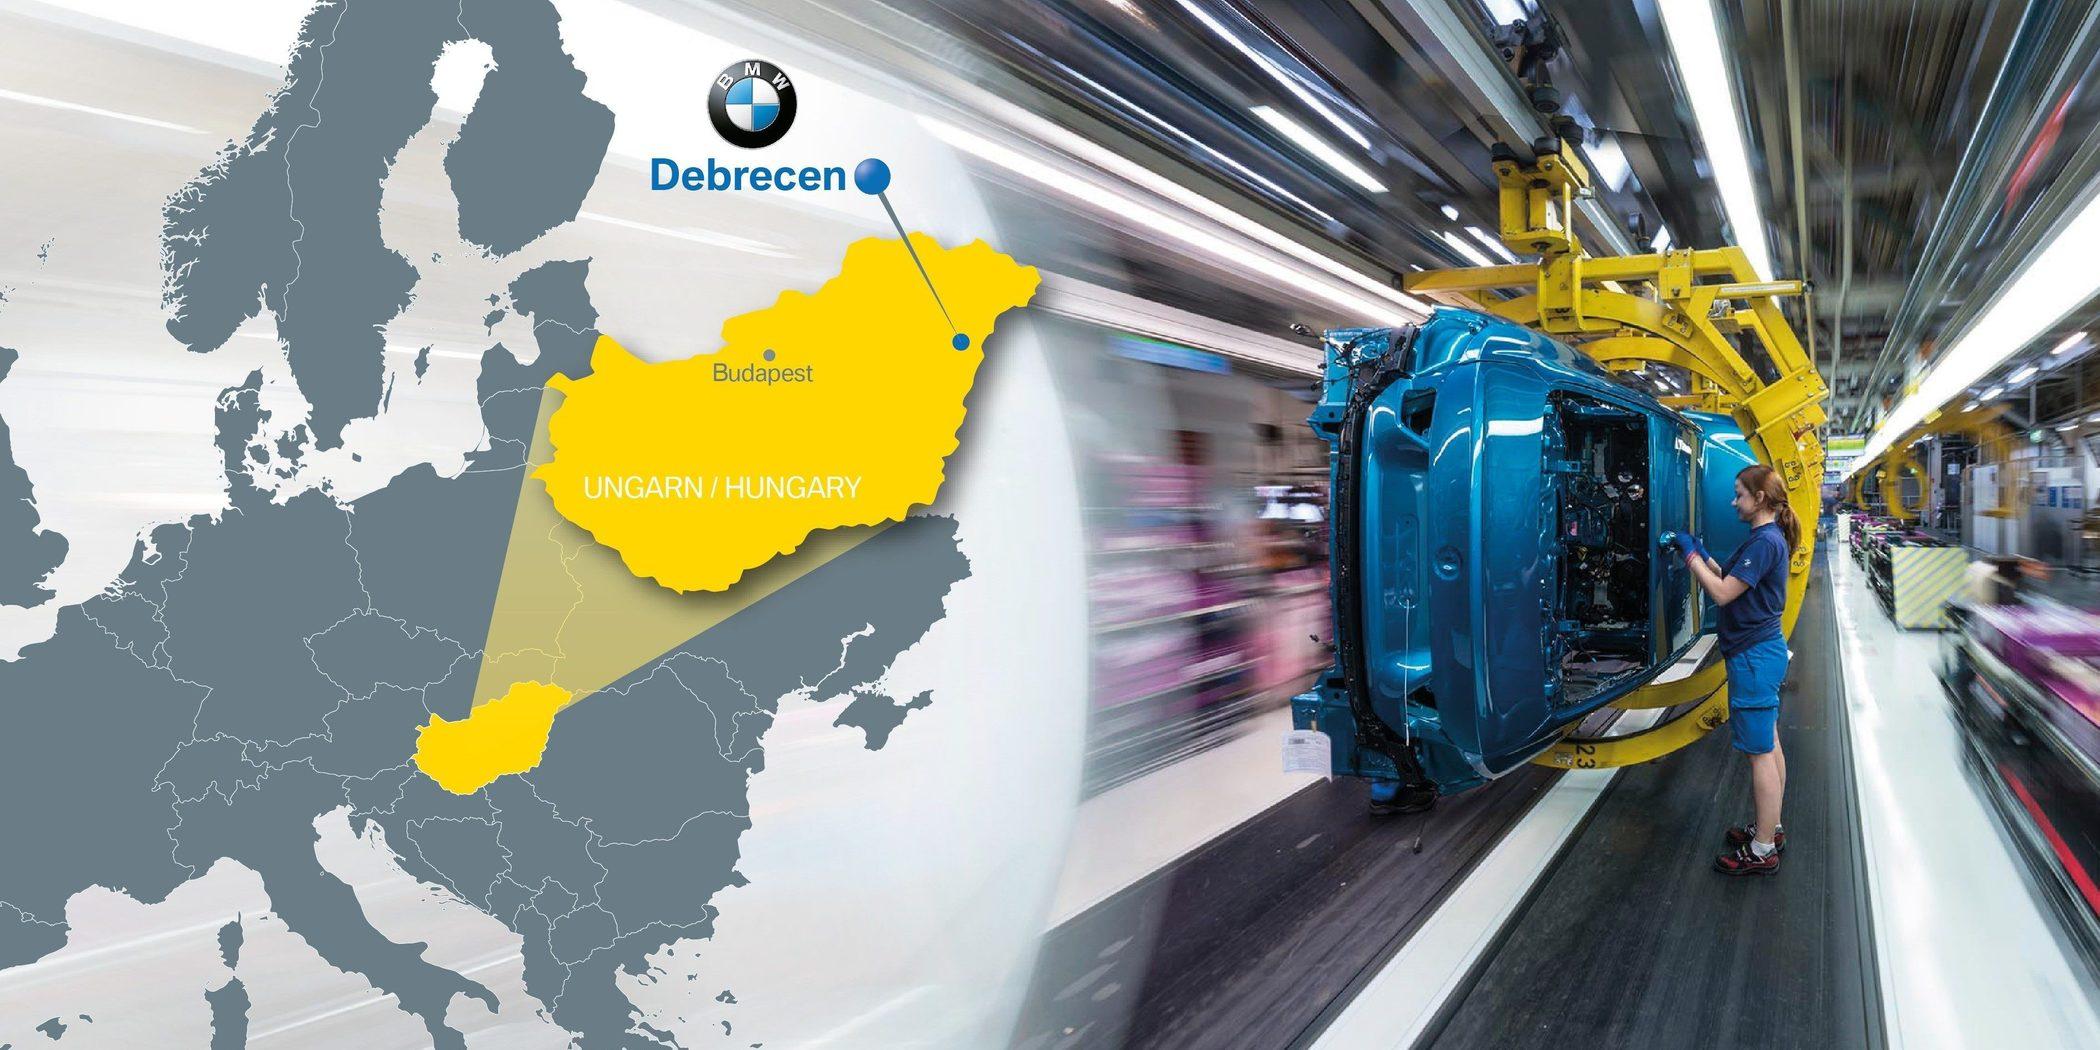 宝马宣布在匈牙利建新厂 准备年产15万辆电动汽车